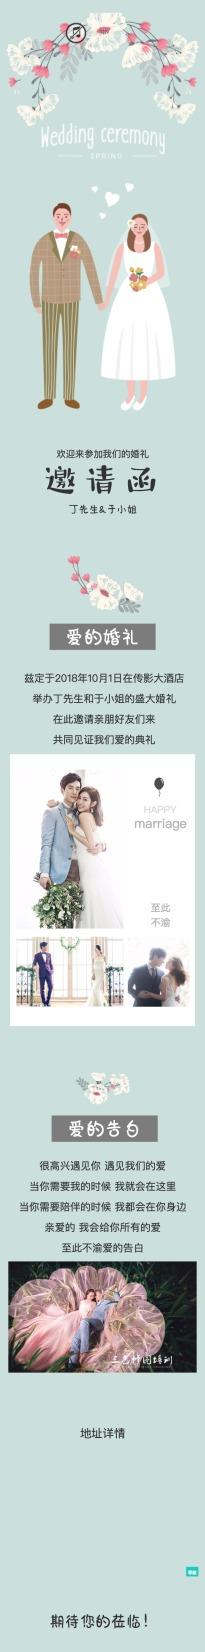 小清新森系手绘花卉婚礼请柬婚礼邀请